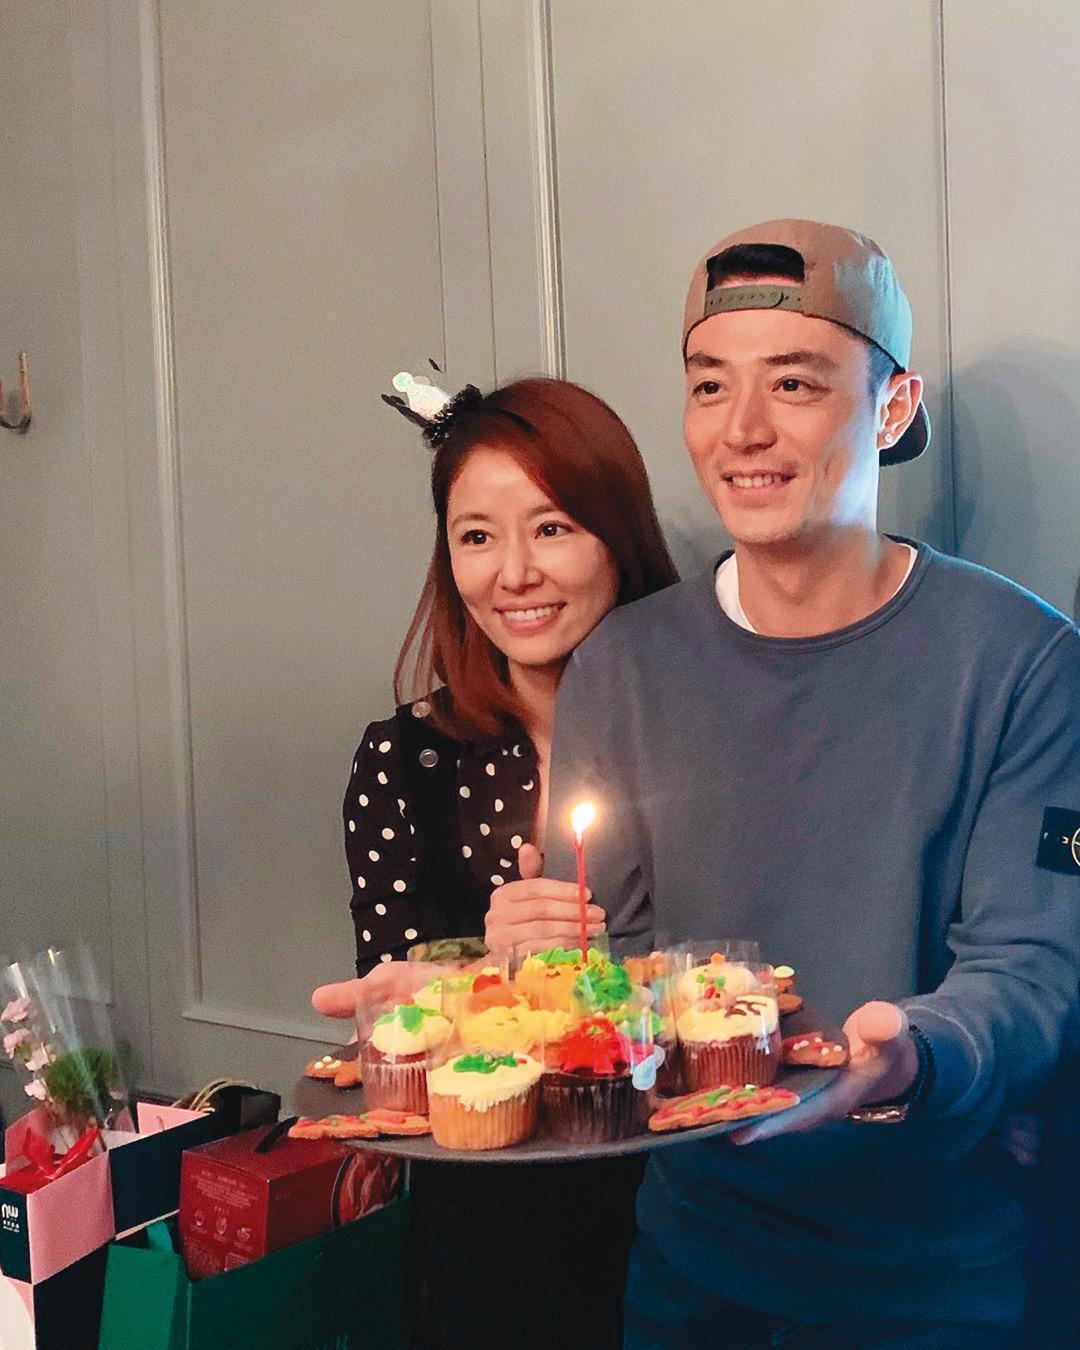 去年12月26日,林心如難得po出與霍建華的合照,並寫下:「Happy Birthday my dear⋯Love you 」,粉碎婚變傳言。(翻攝自林心如IG)